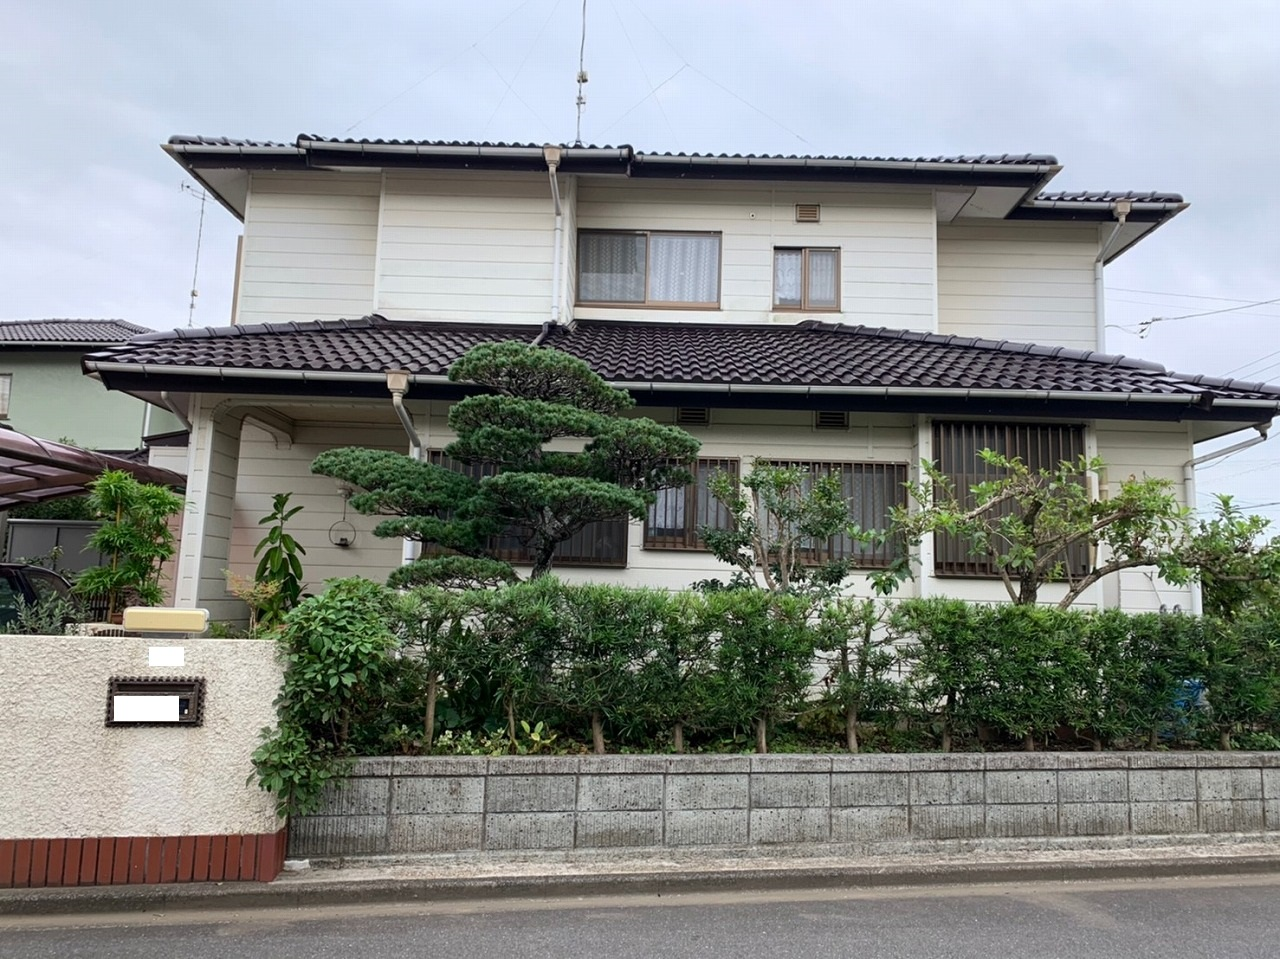 千葉県印旛郡O様邸 屋根塗装工事が完成しました!